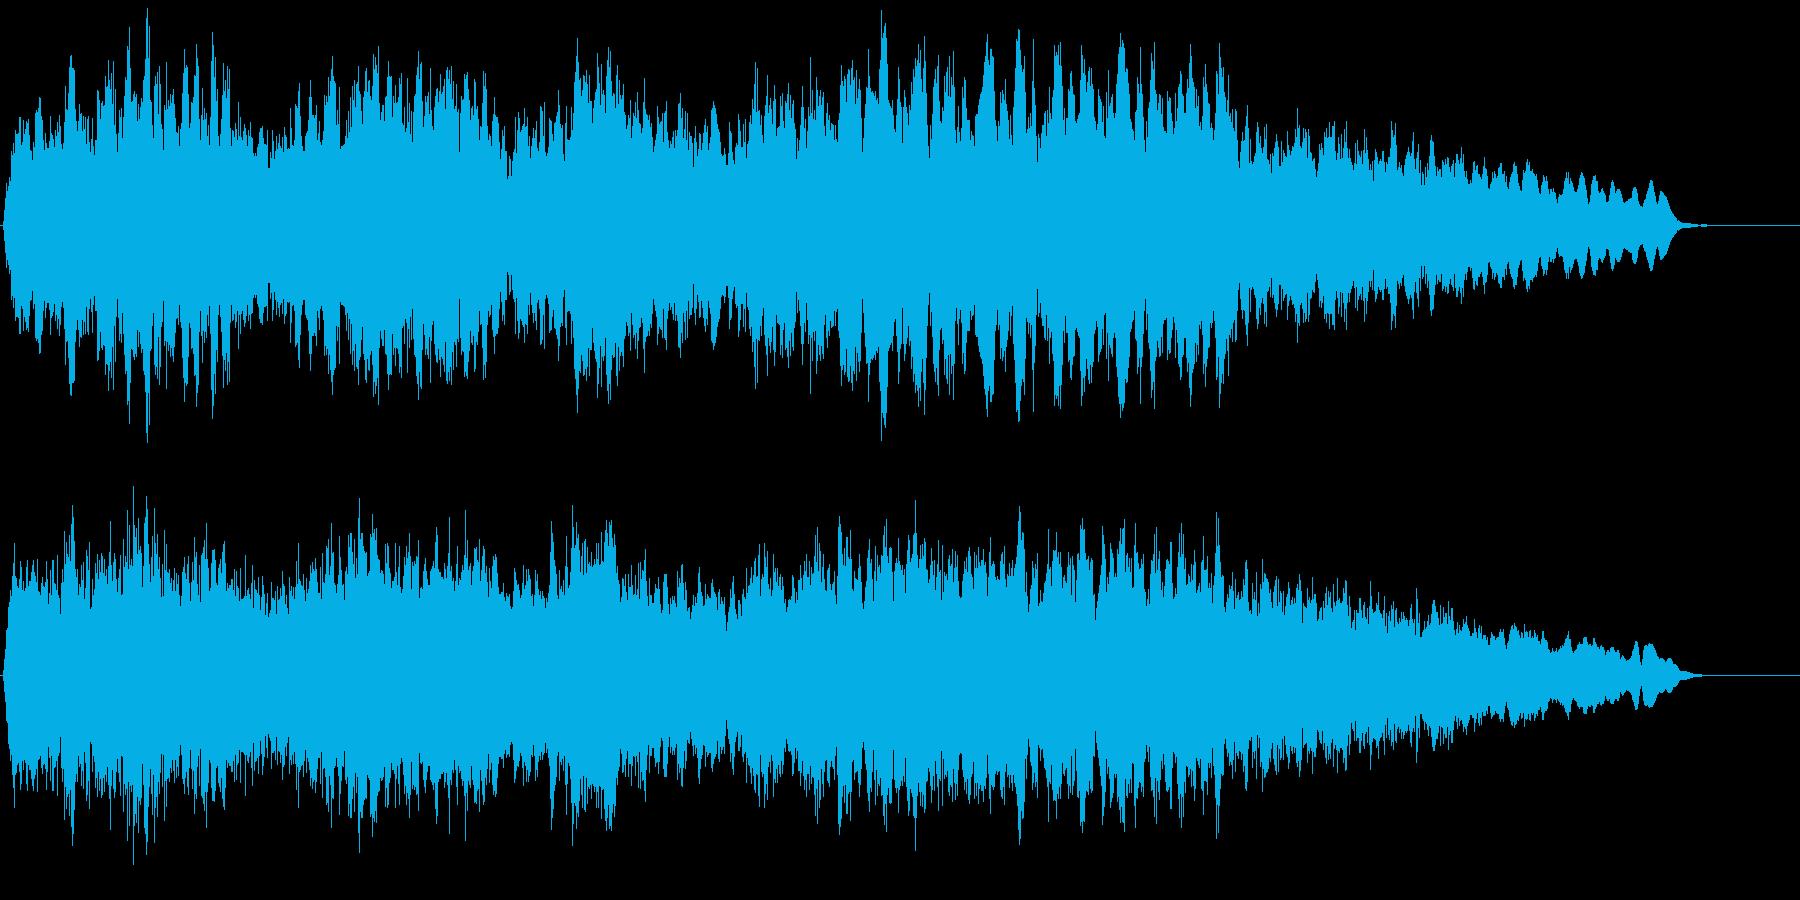 重苦しい雰囲気の短い曲の再生済みの波形